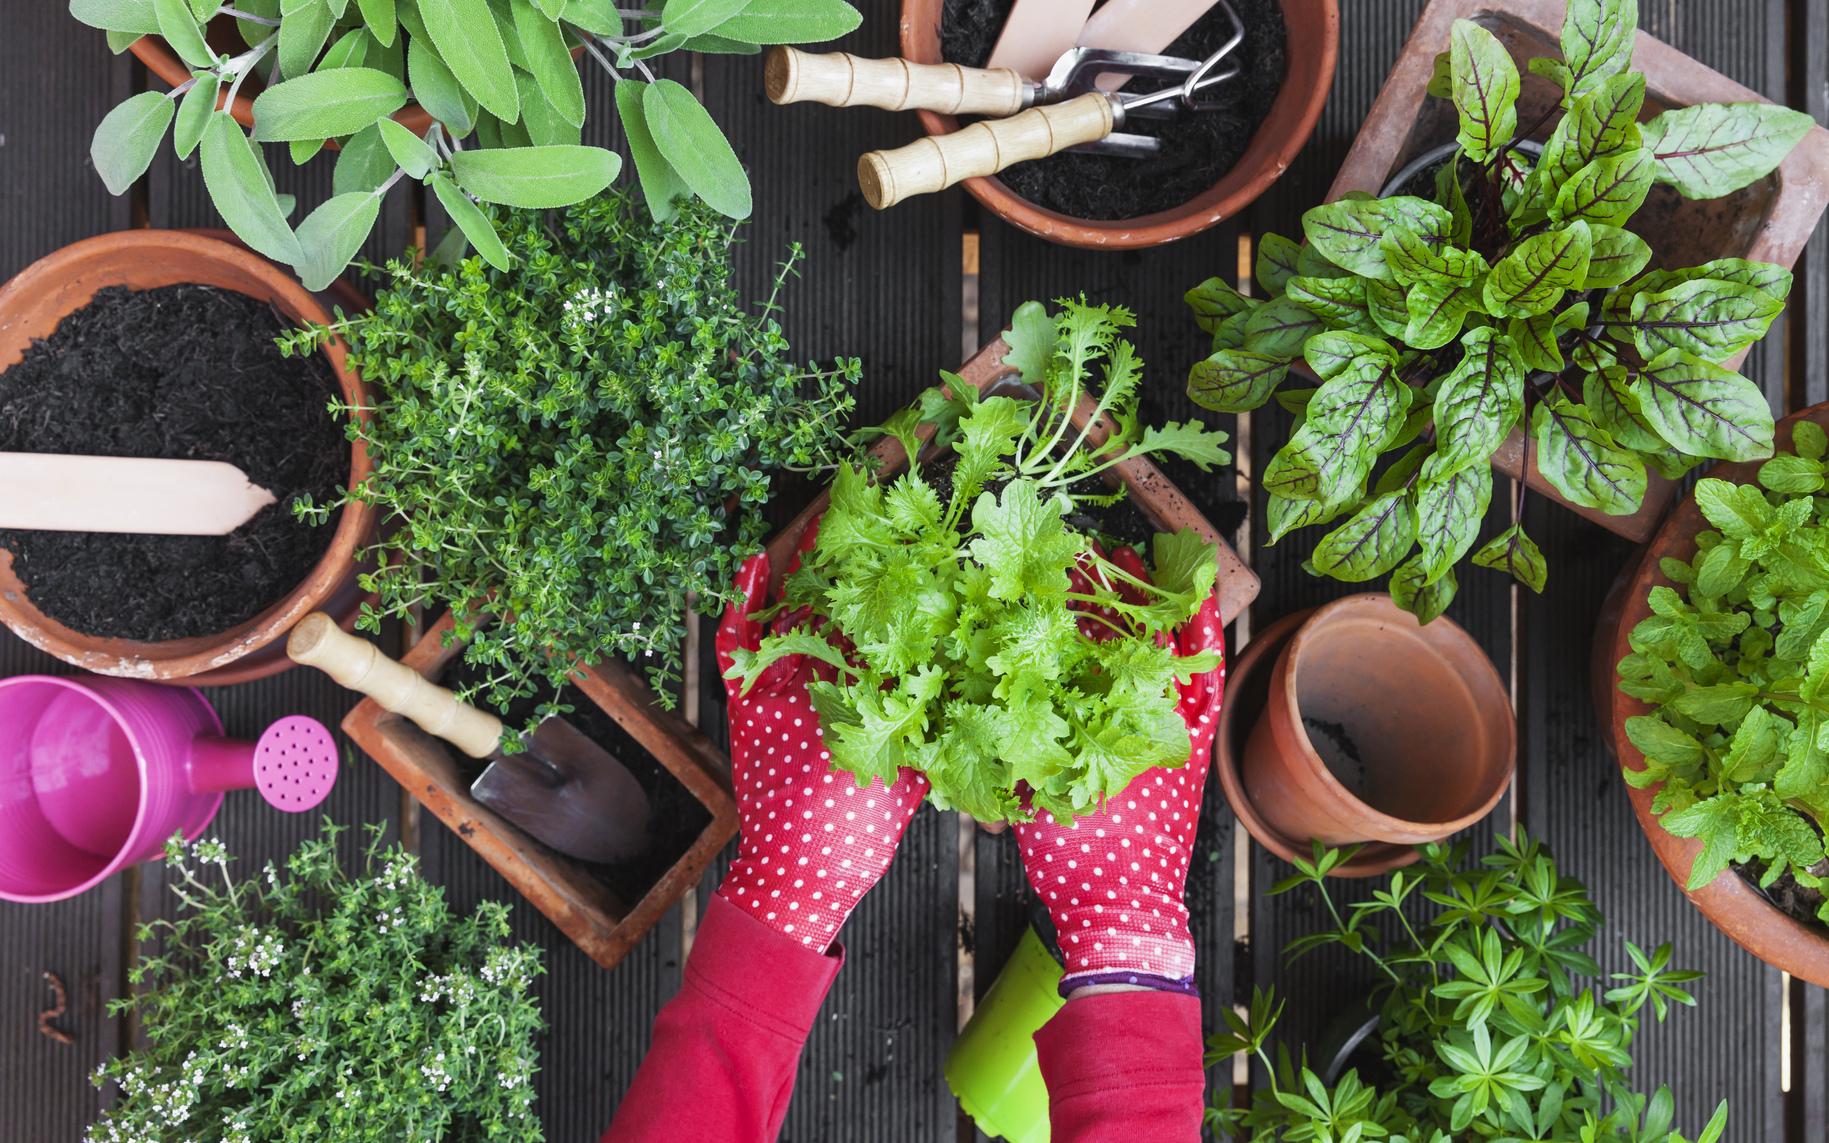 Coltivare Piselli In Vaso c'è più gusto a coltivare da soli - consumo.ch: temi legati